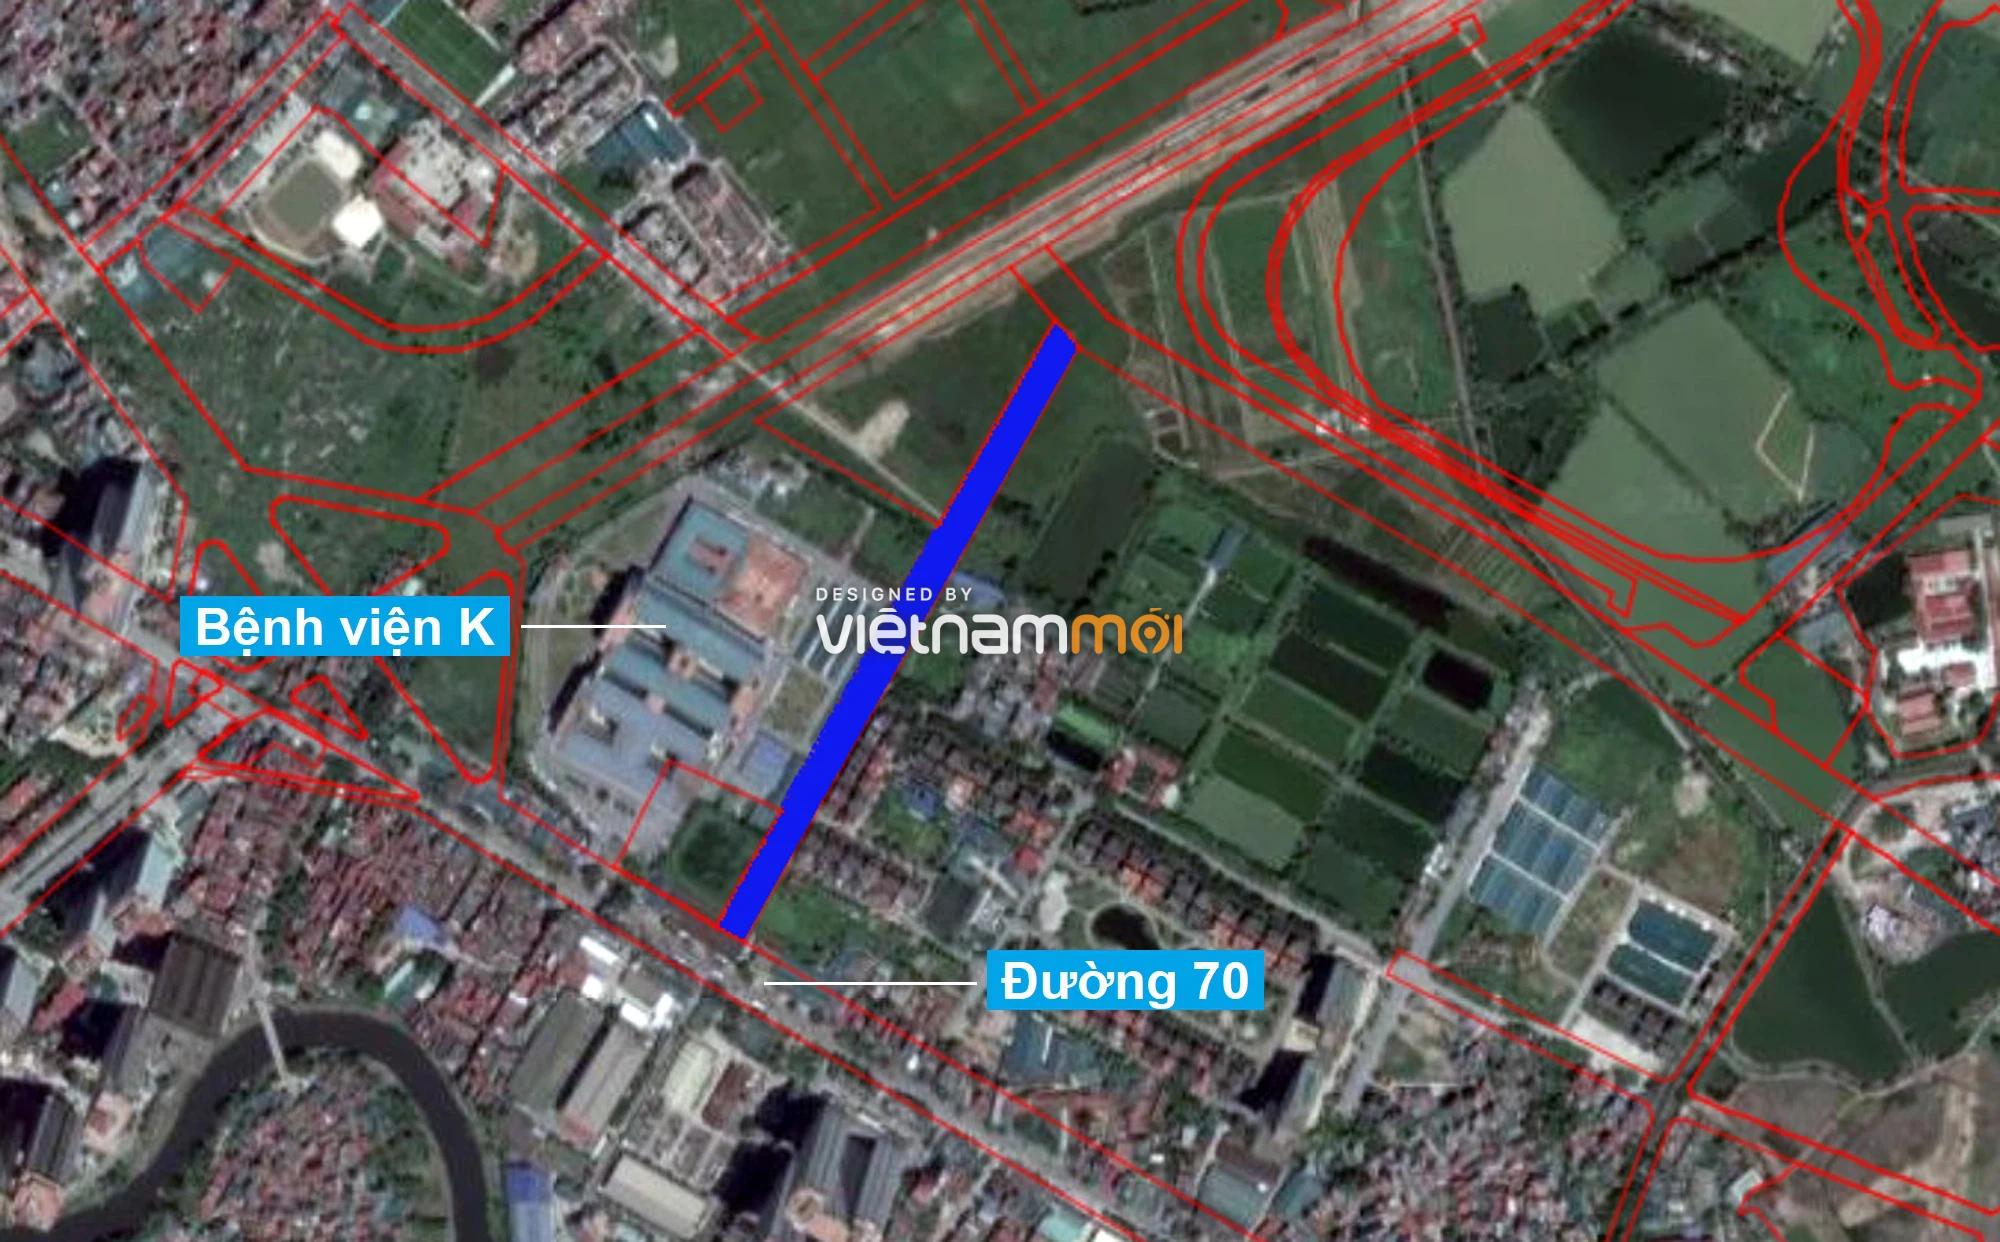 Những khu đất sắp thu hồi để mở đường ở xã Tân Triều, Thanh Trì Hà Nội (phần 1) - Ảnh 12.